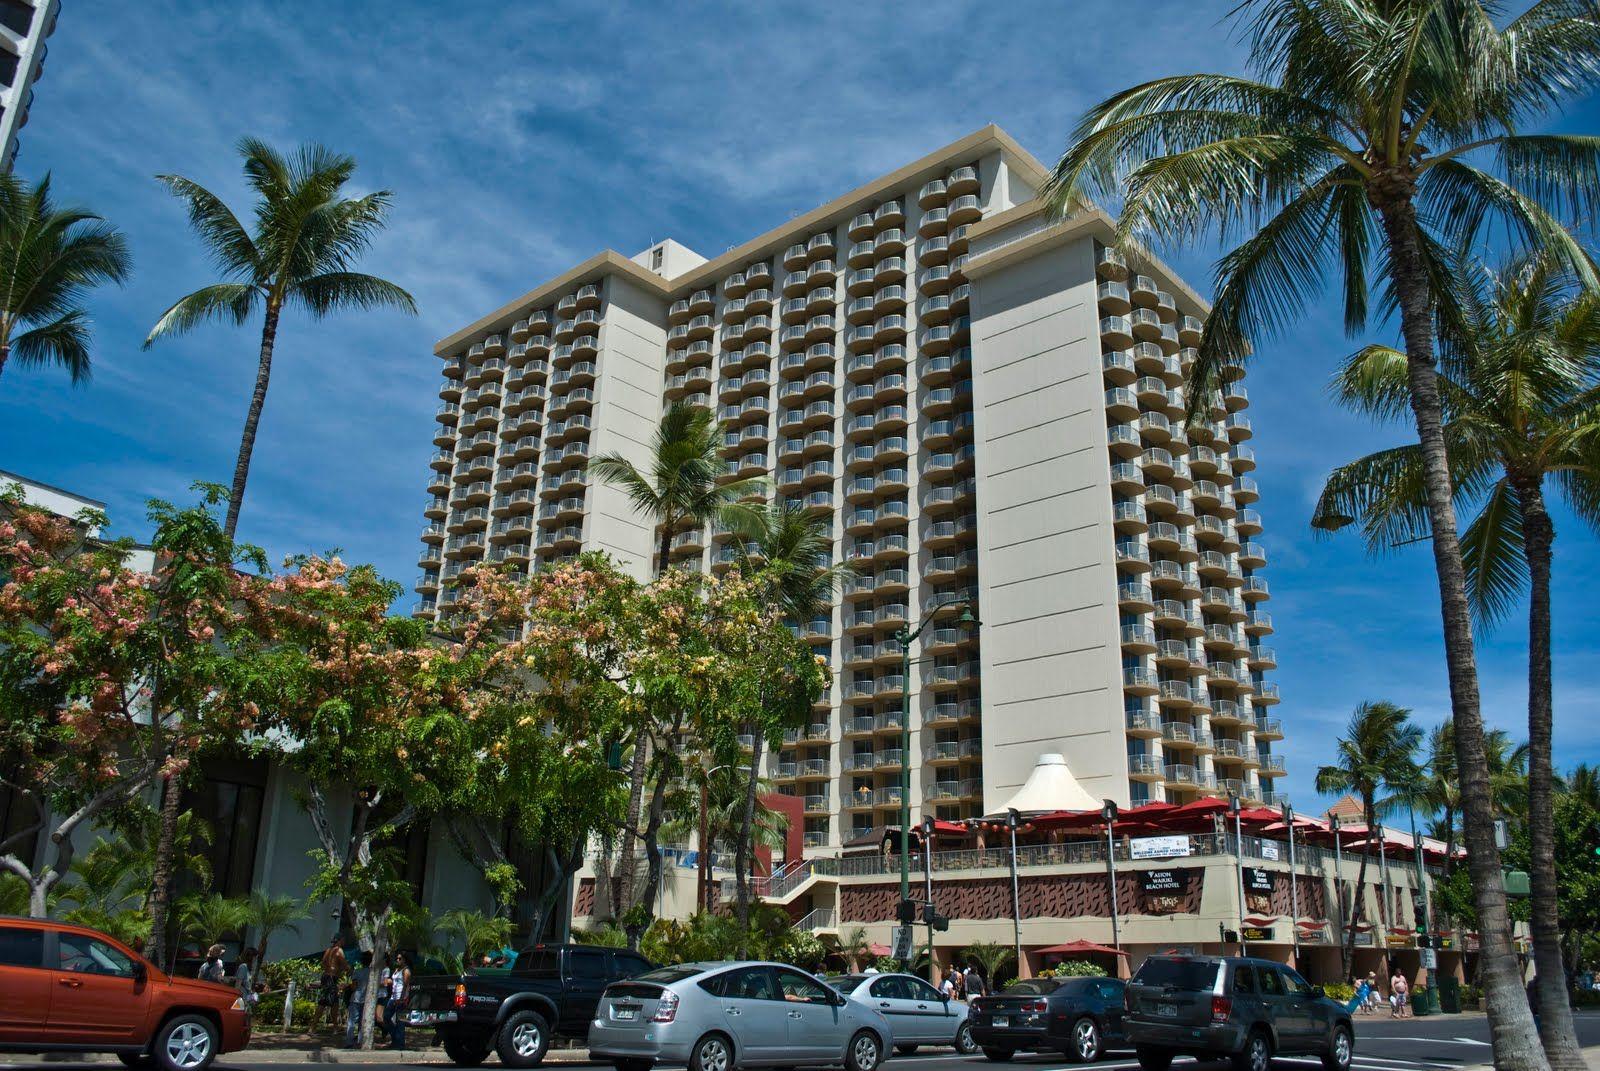 Waikiki Hawaii Travel Guide & Information | Go Hawaii